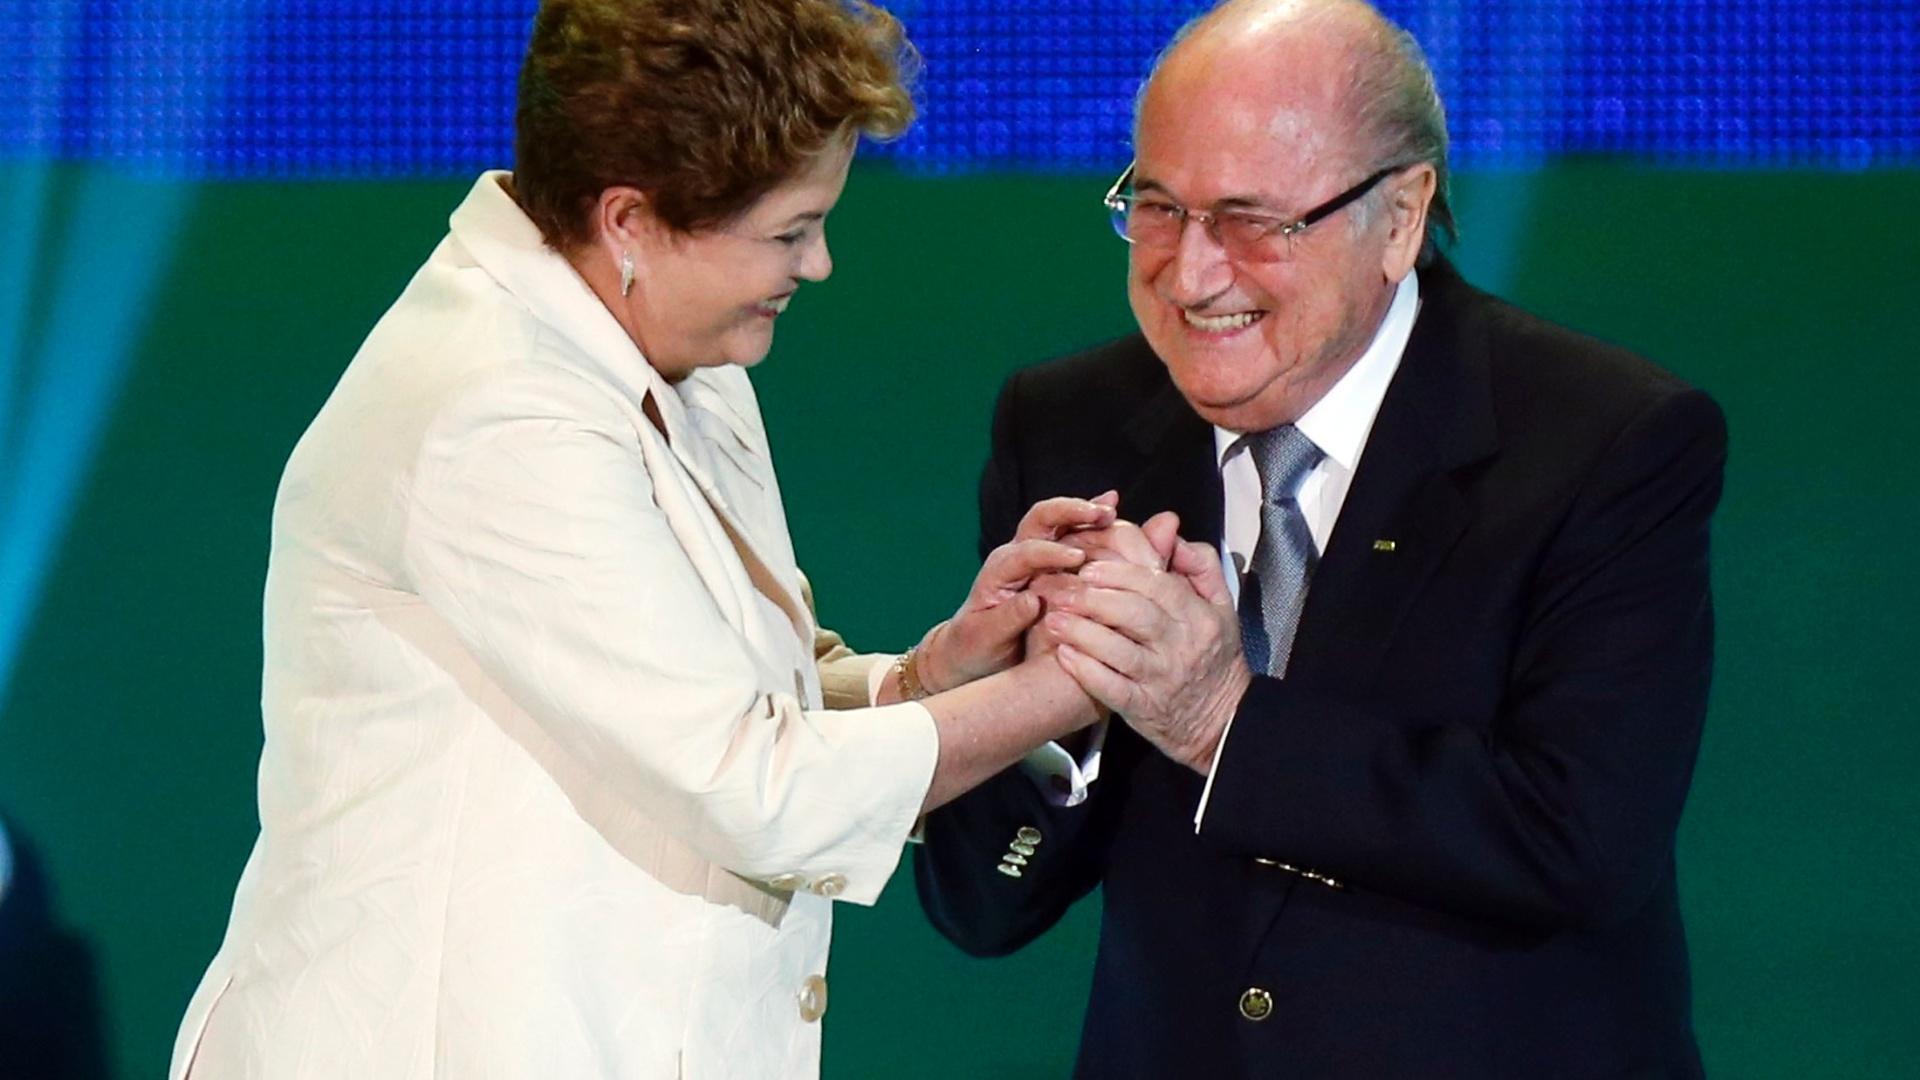 Sergio Moraes / Reuters